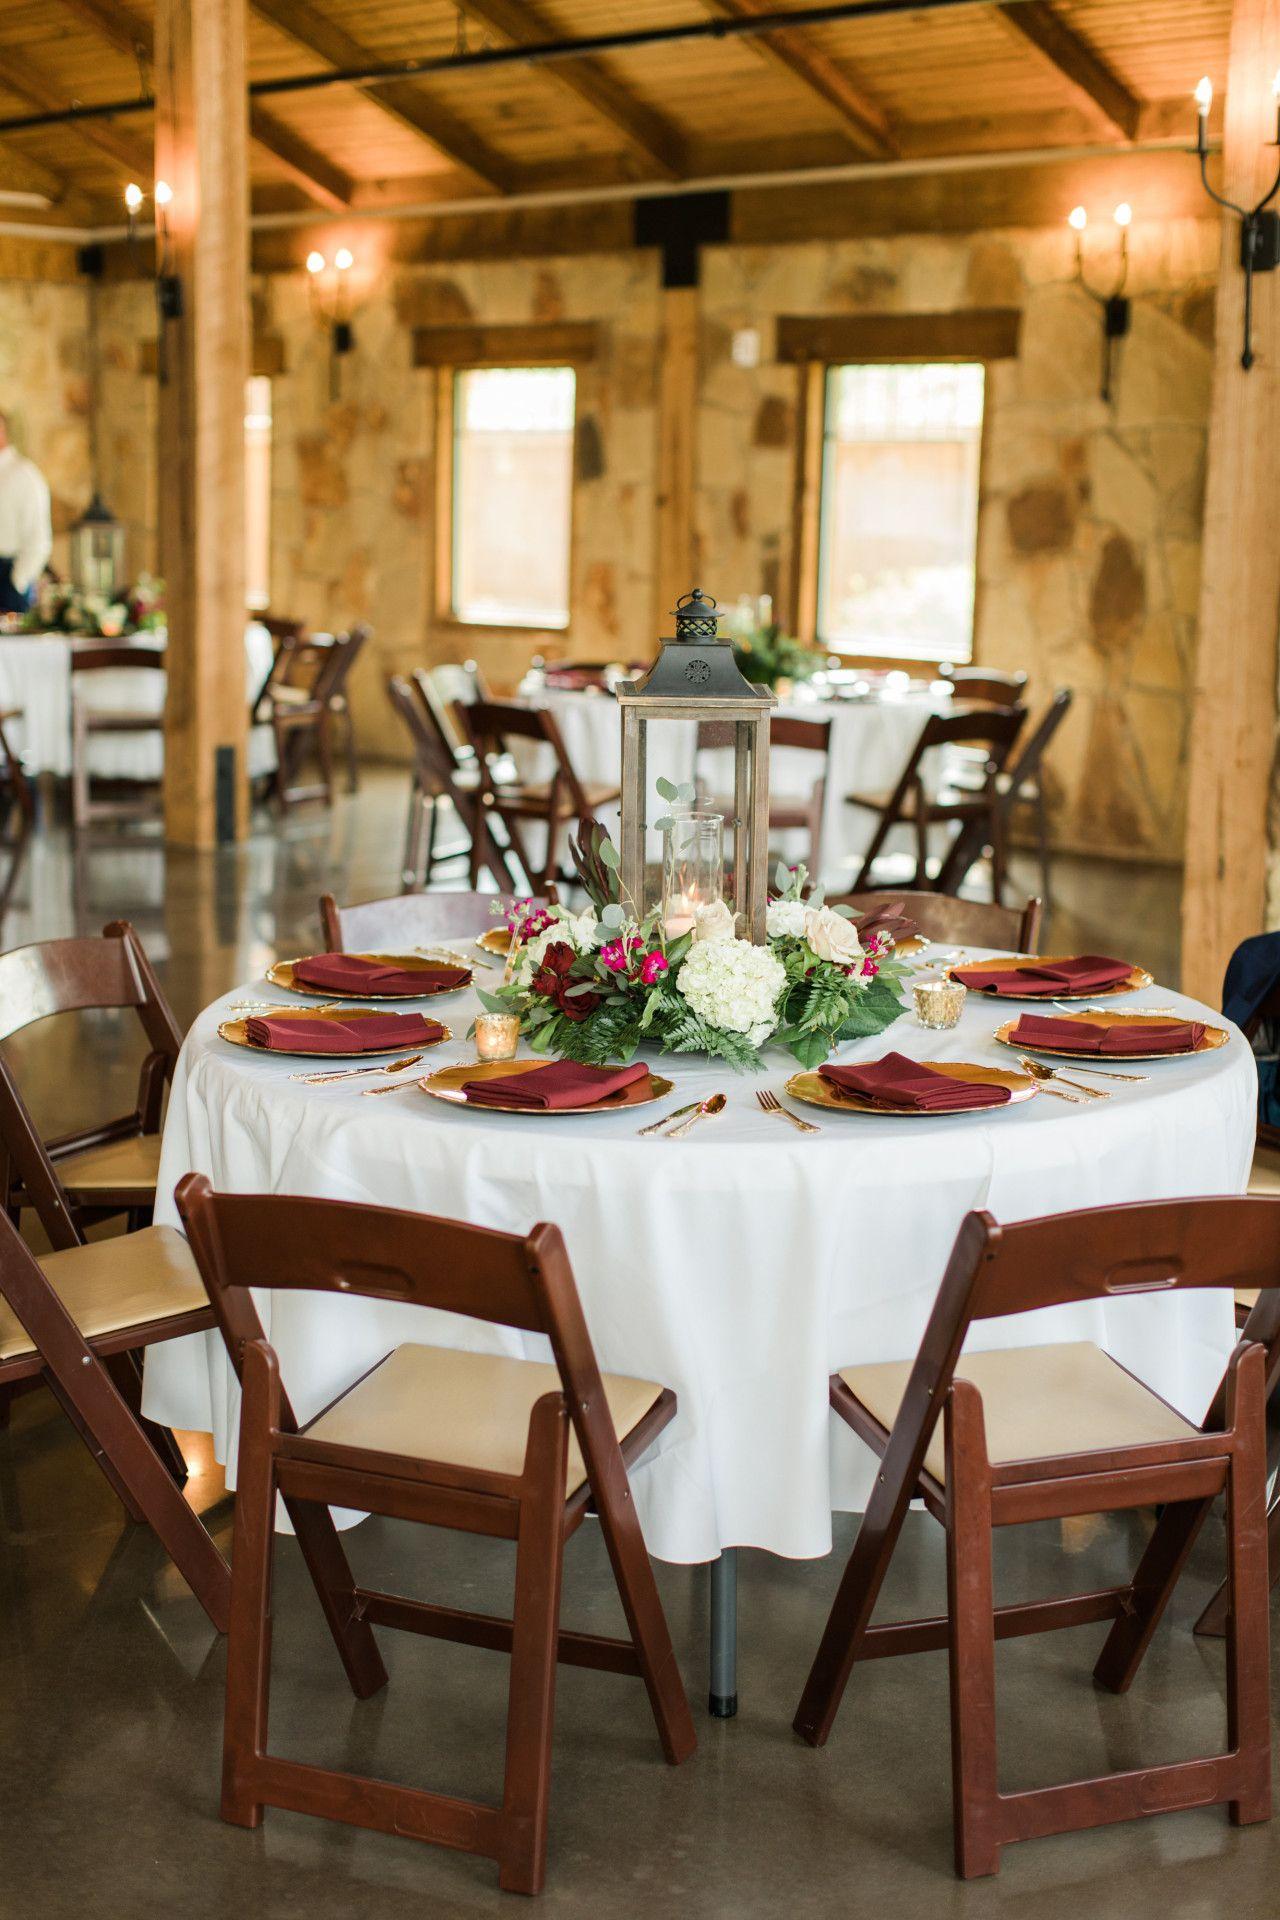 Fall wedding decor ideas  maroon wedding reception decorations  maroon  gold modern rustic